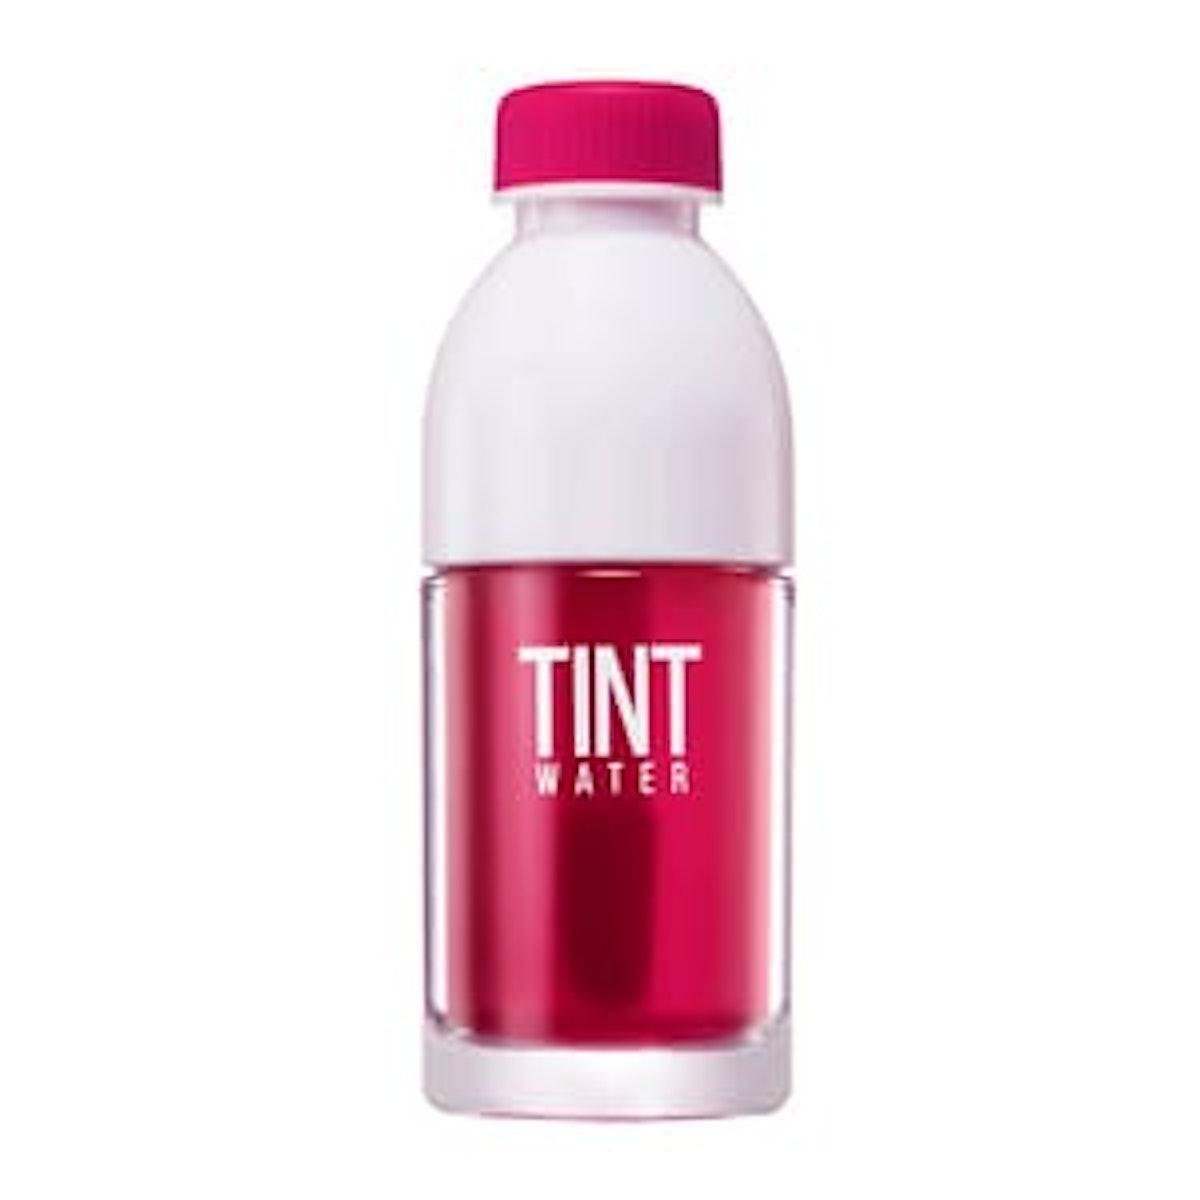 Peripera Tint Water Lip Tint